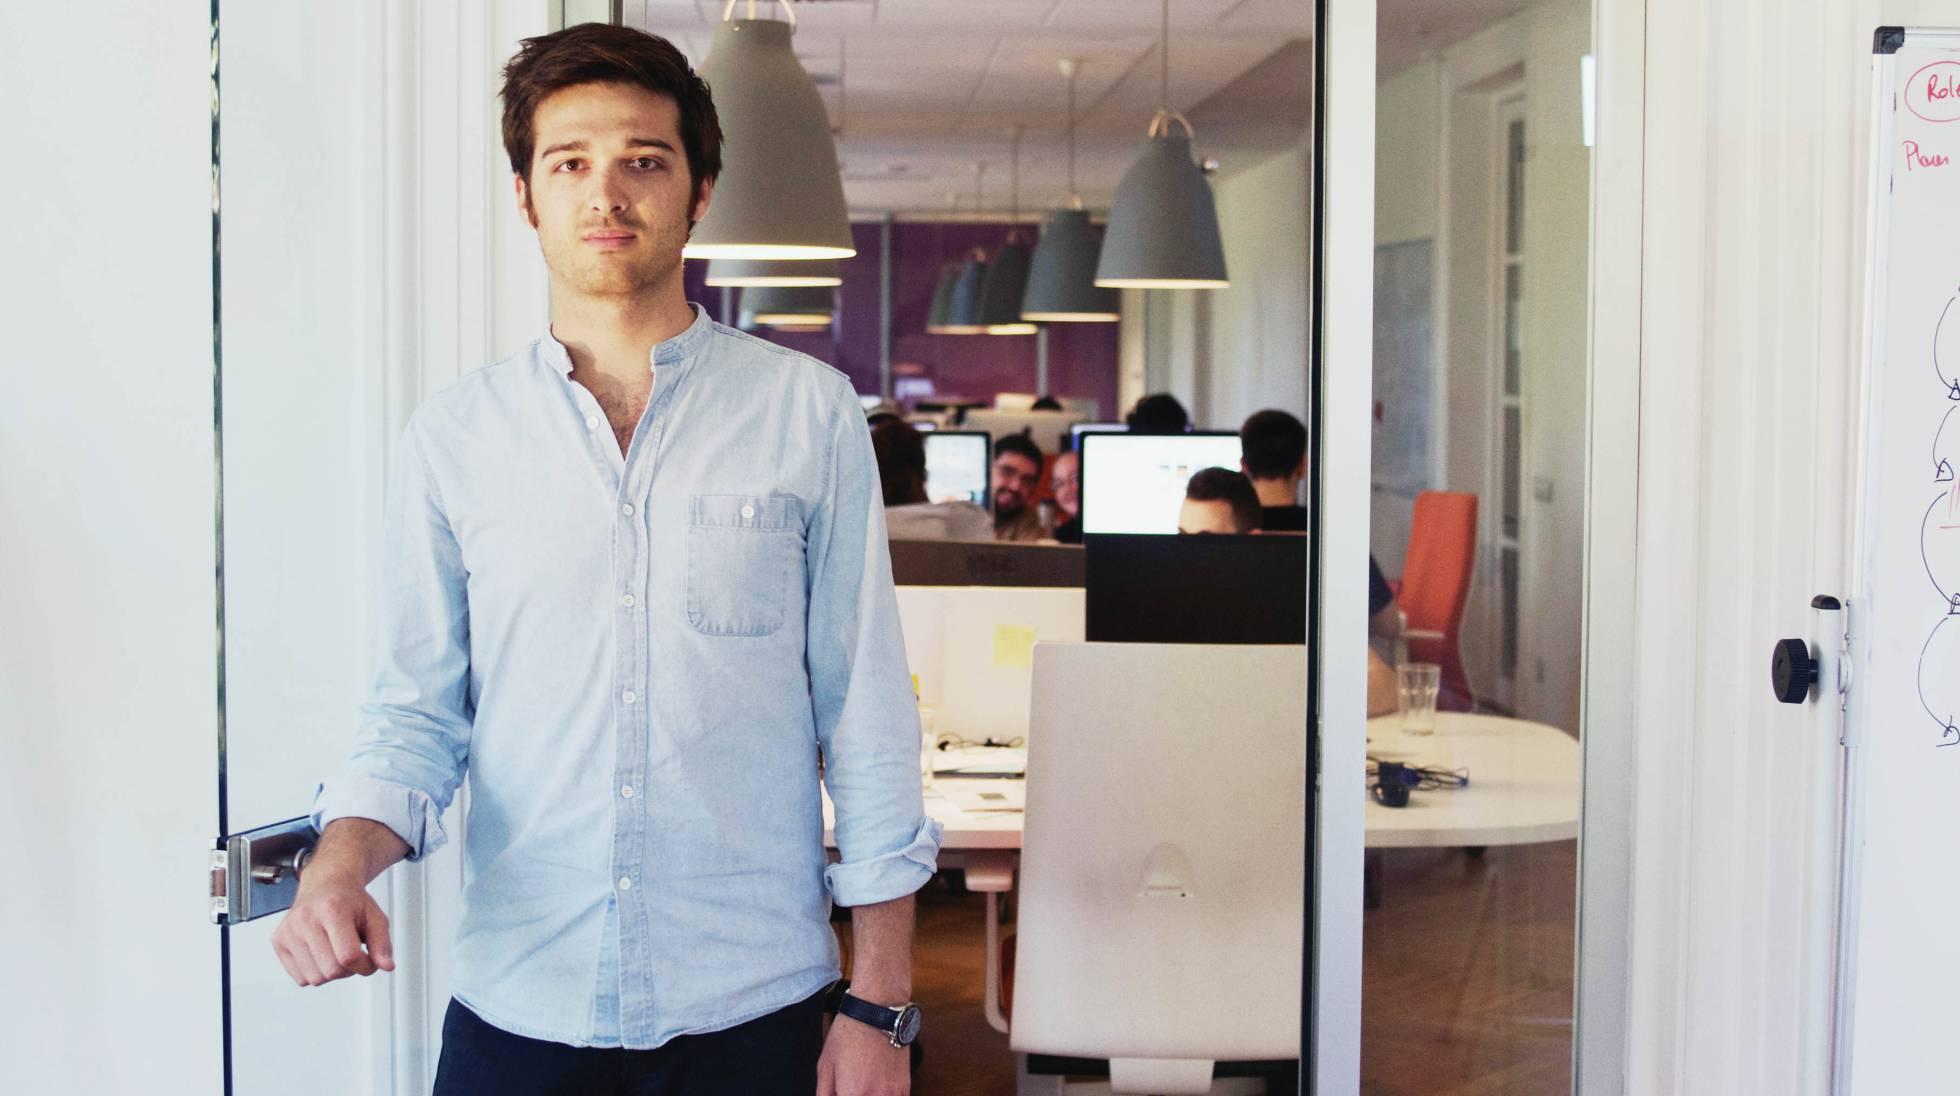 Медиа-группа Atresmedia инвестировала 17 млн евро в Fever, испанскую стартап-площадку по организации досуговых мероприятий